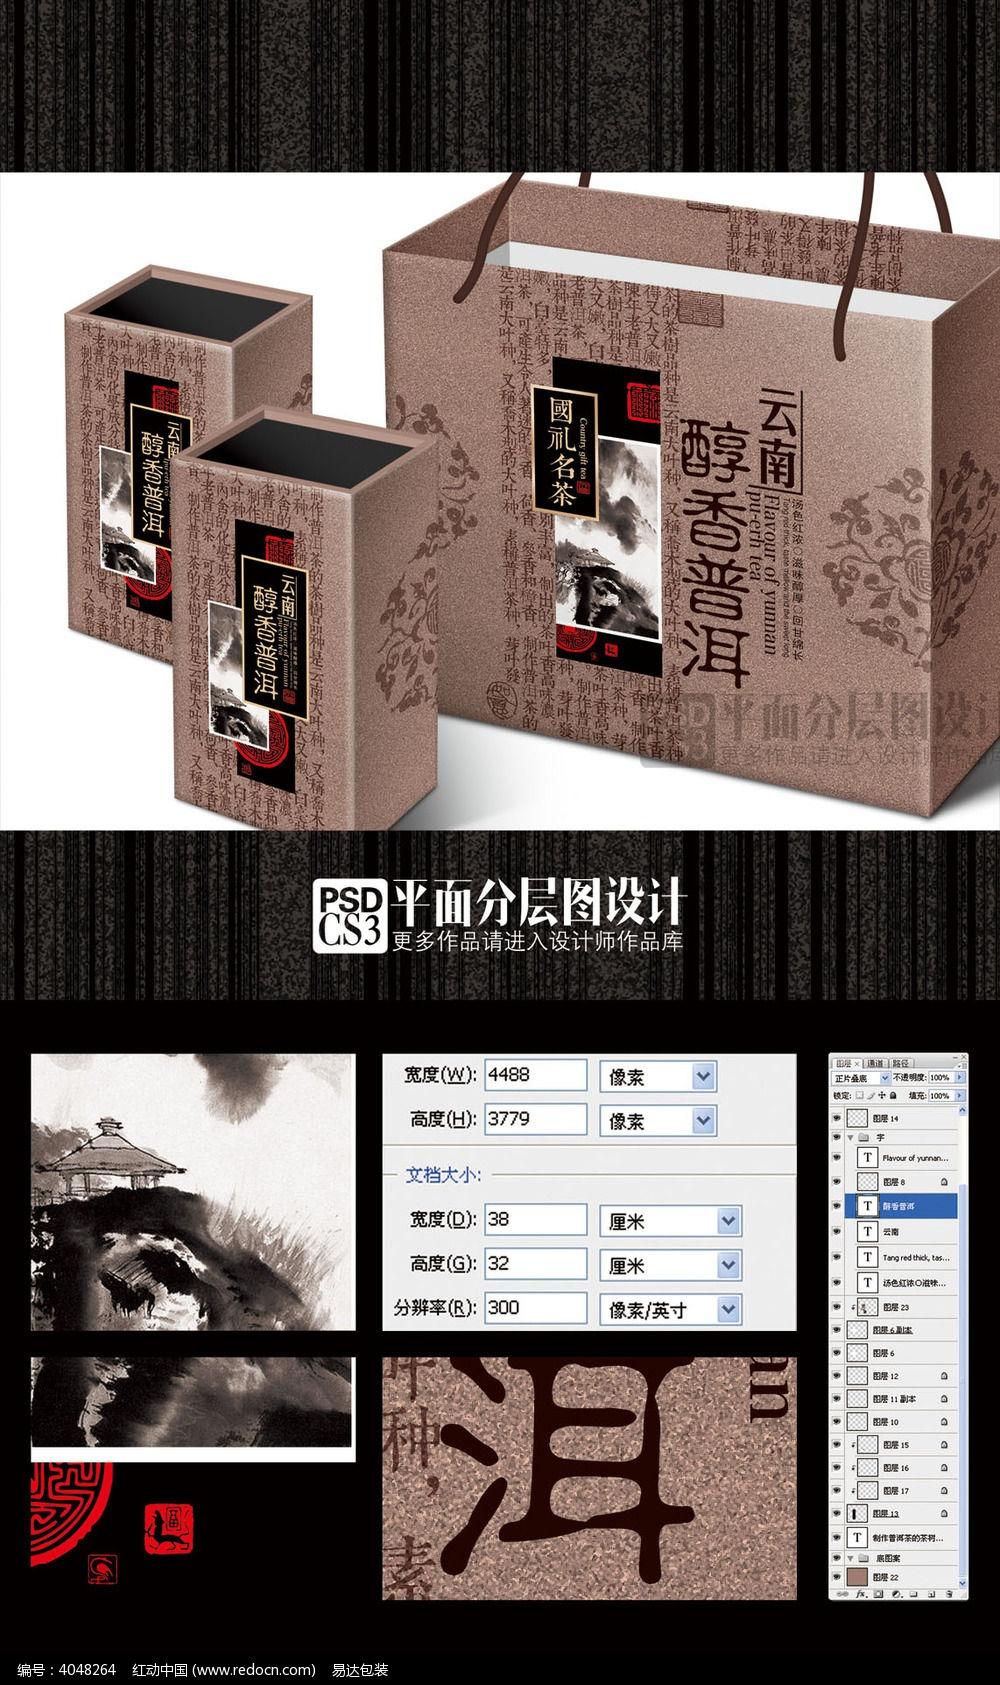 醇香普洱手提袋和内盒设计(平面分层图设计)